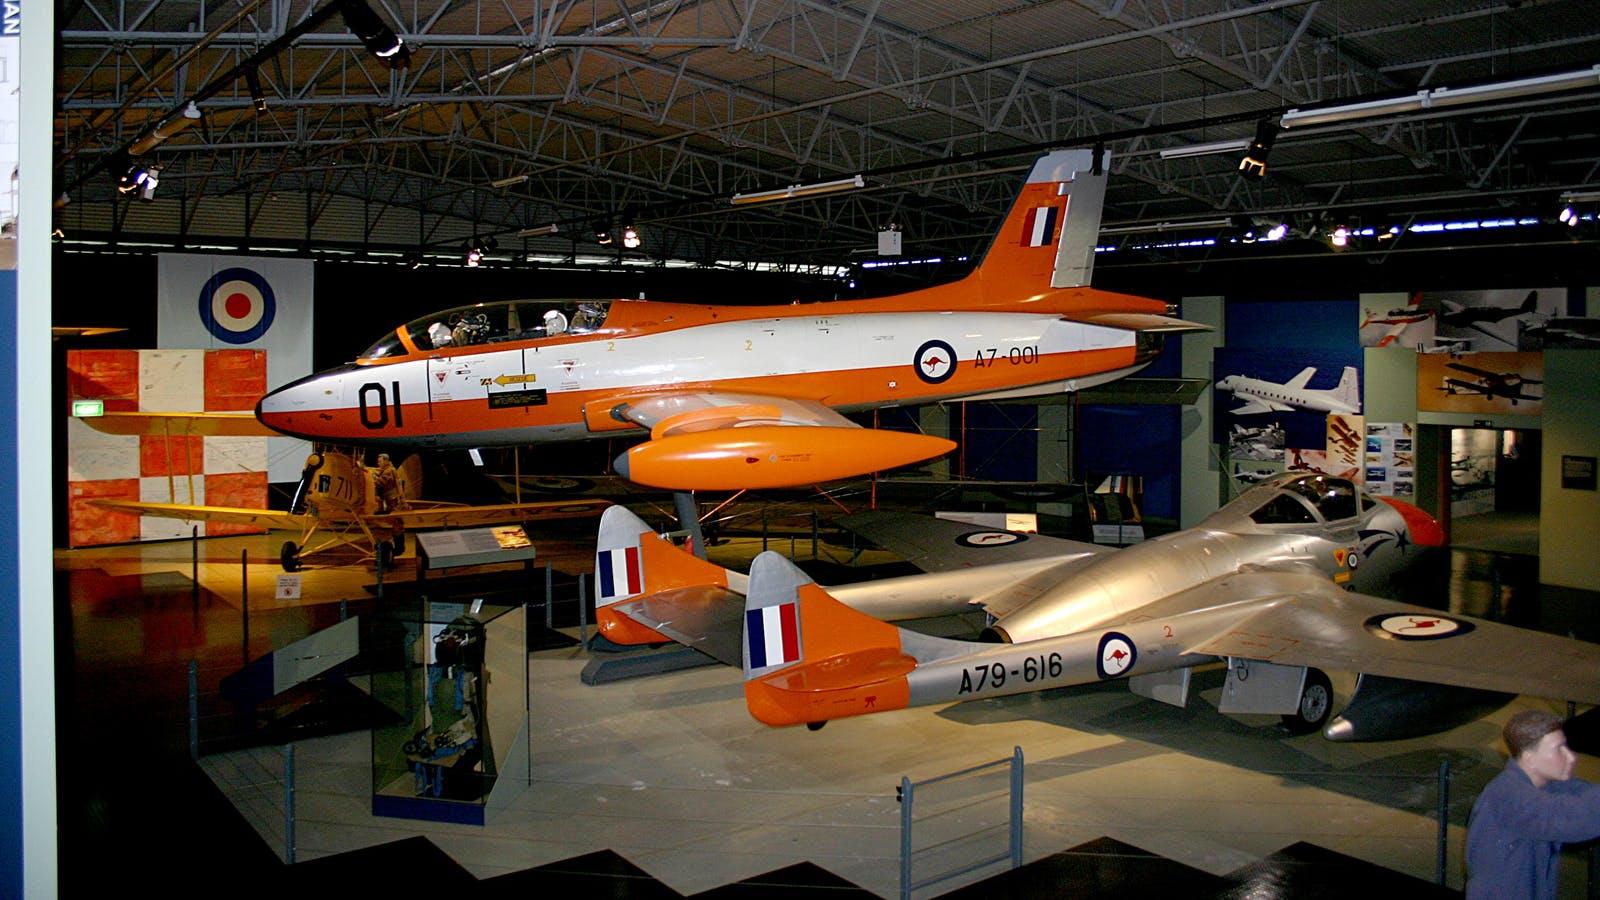 Macchi aircraft